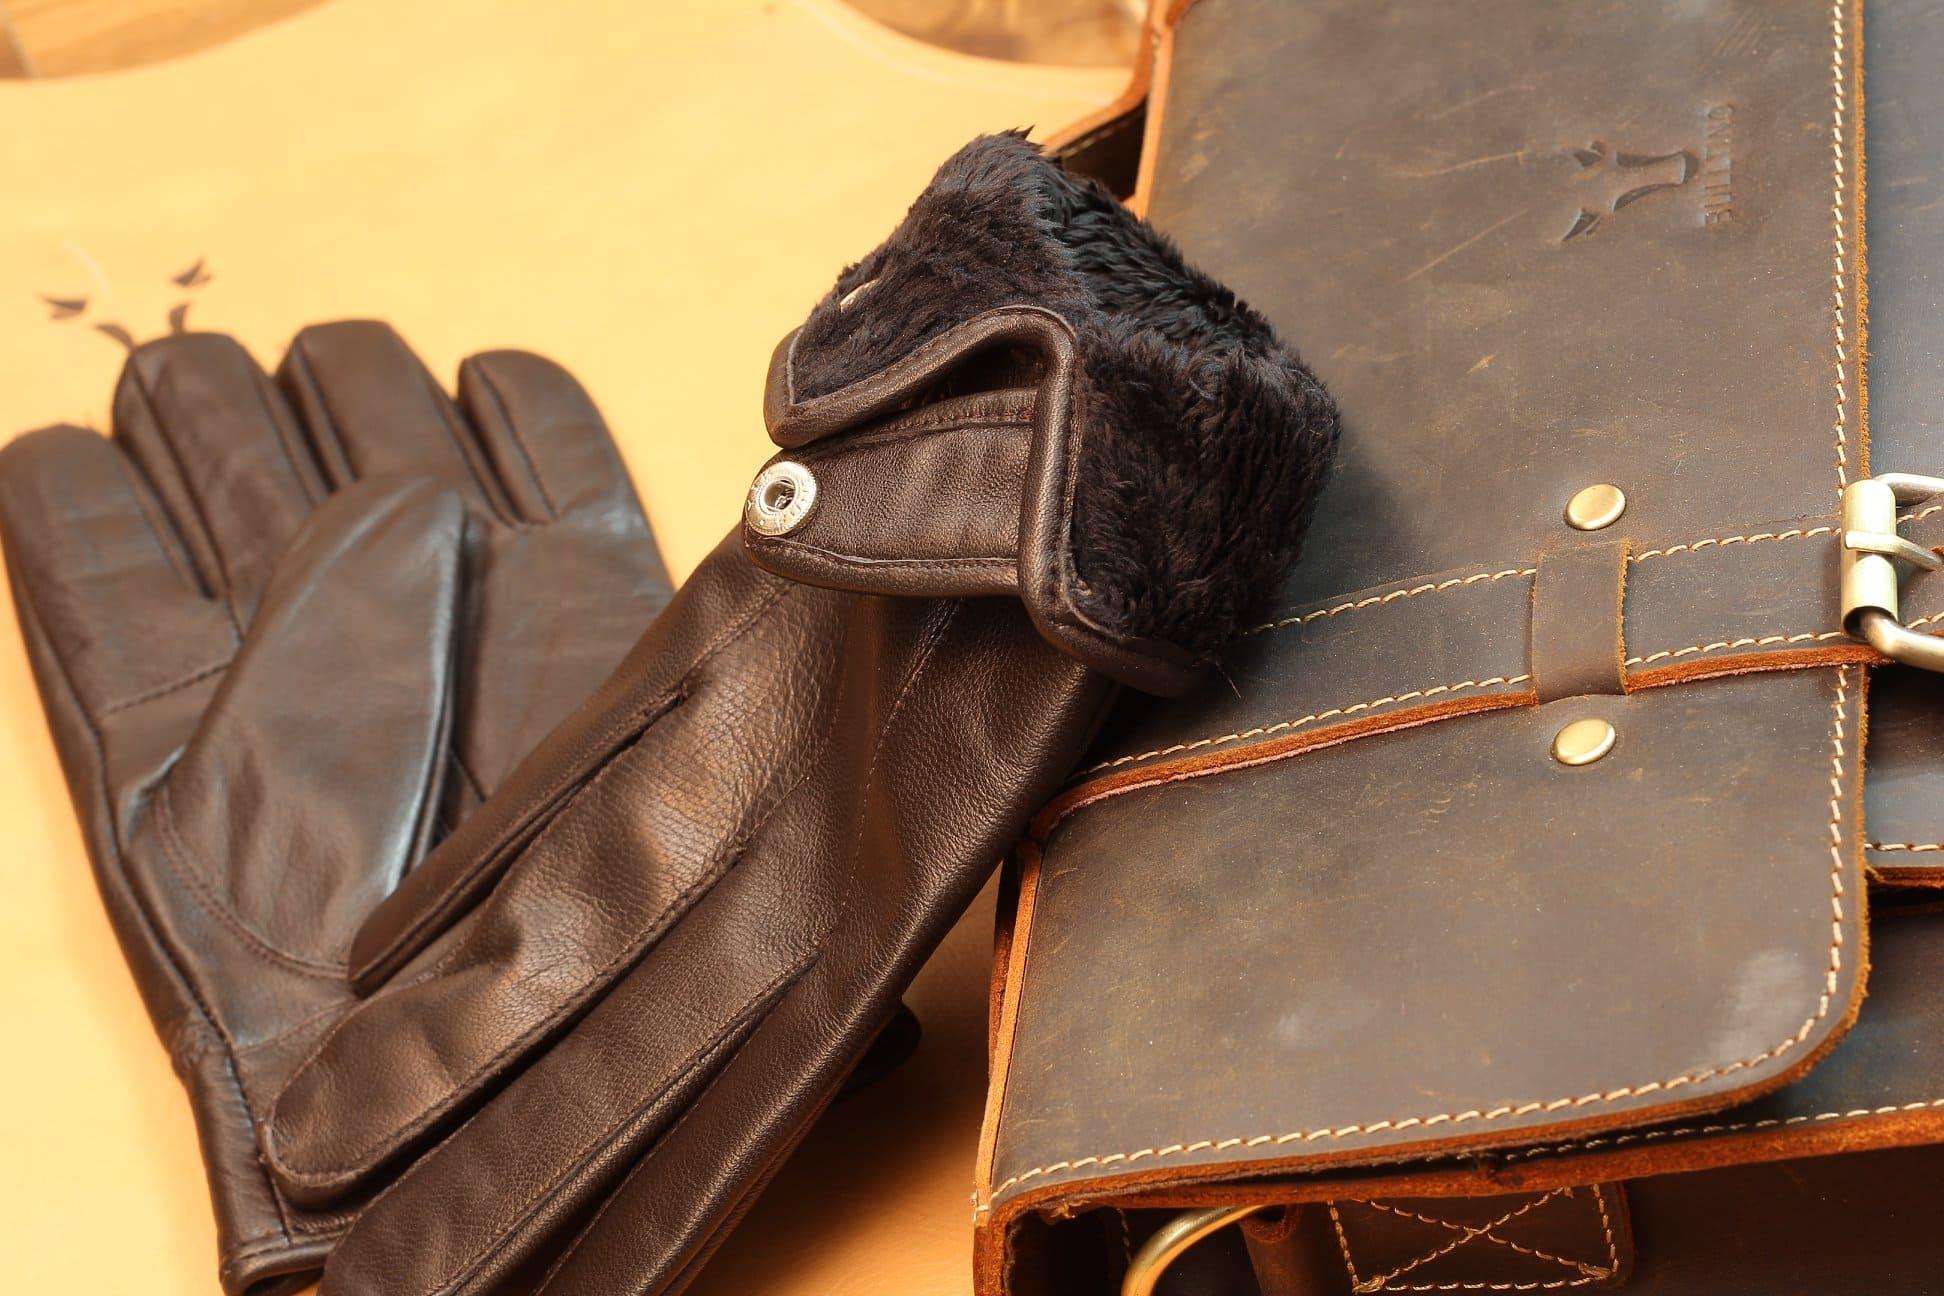 Găng tay da cừu xịn lót lông